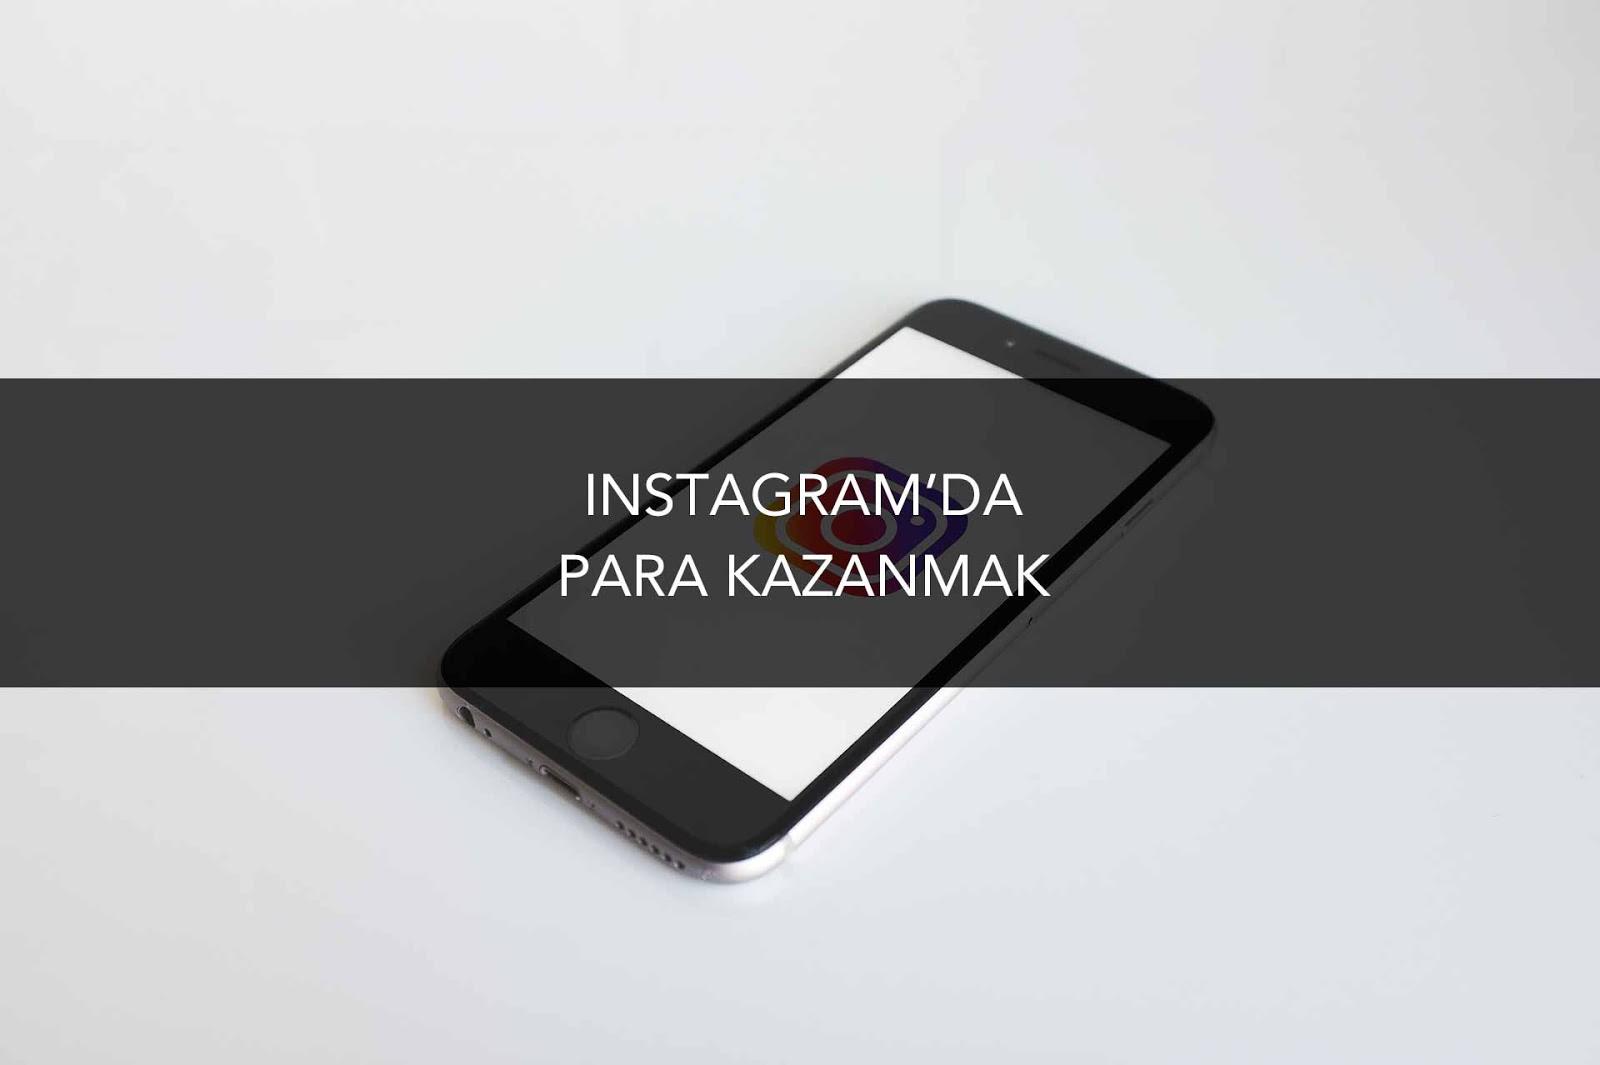 instagram'da para kazanmak